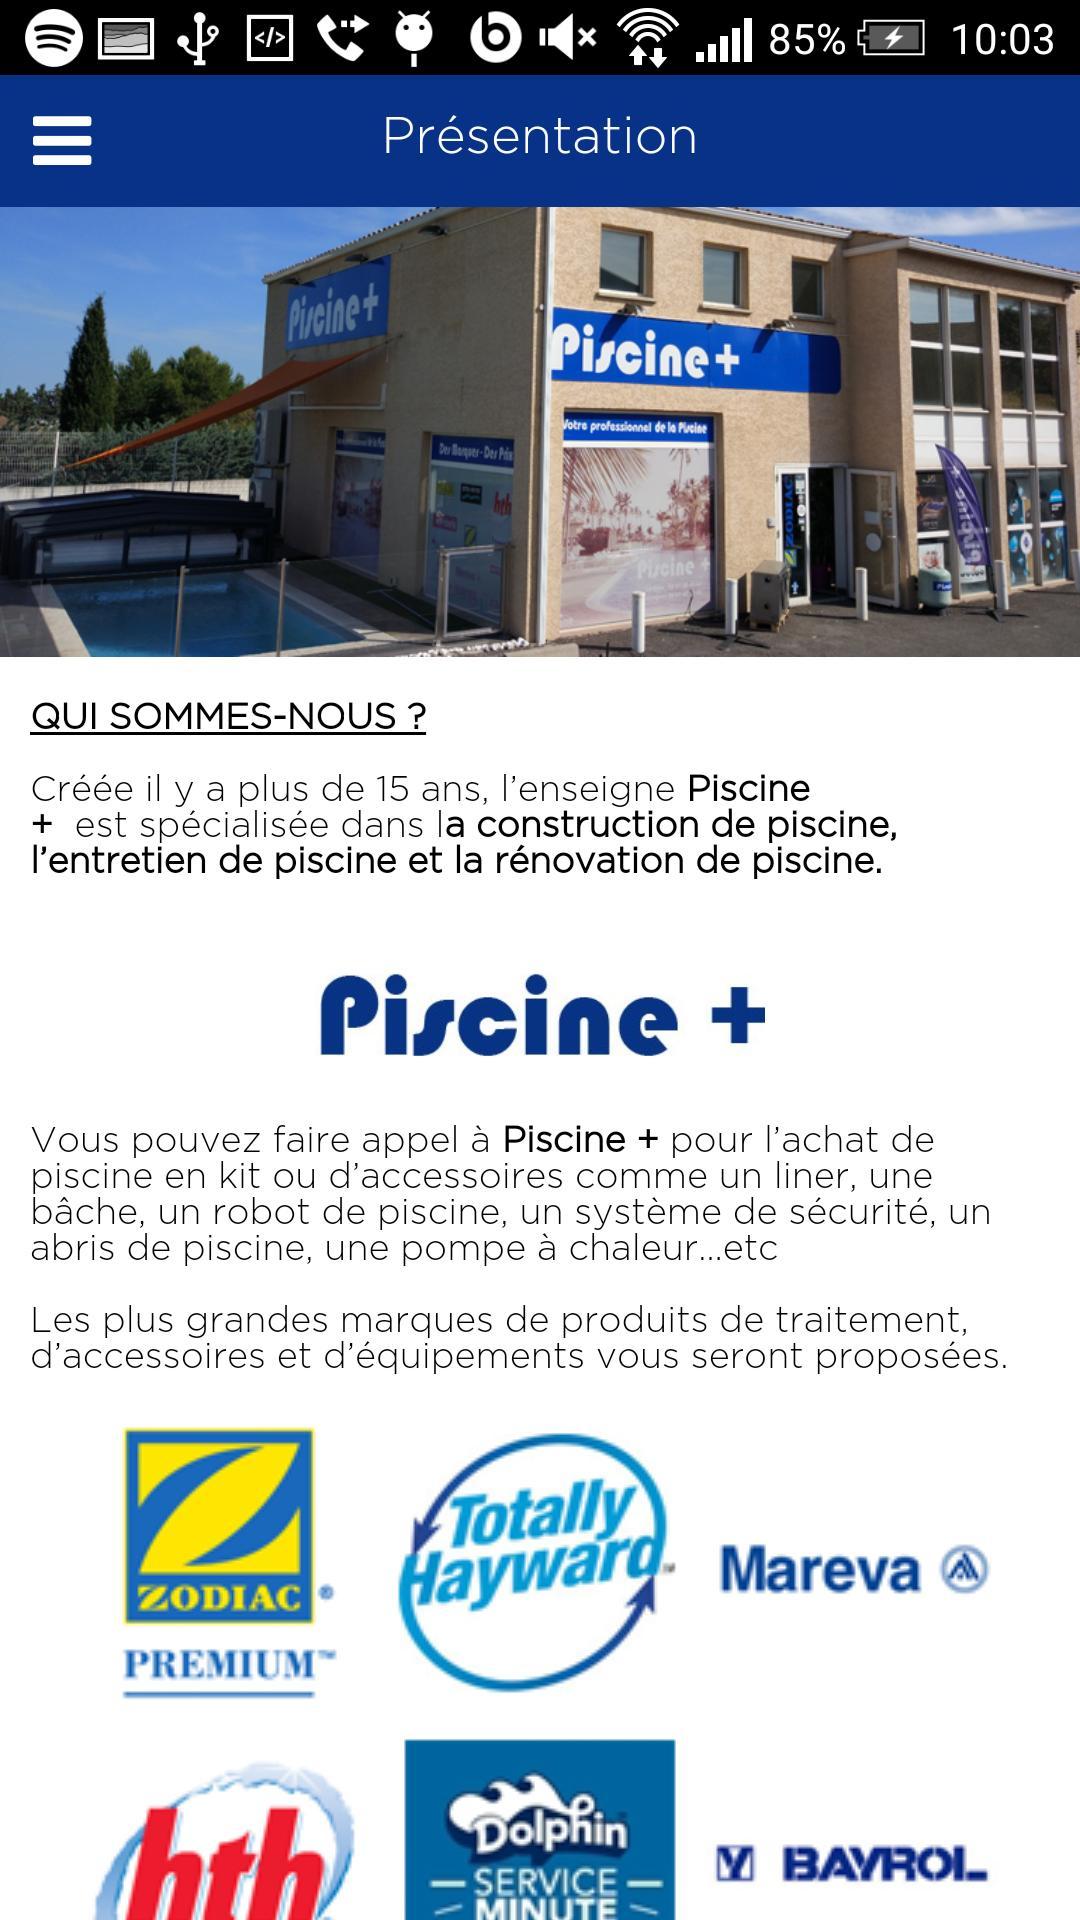 Piscine Plus For Android - Apk Download avec Piscine Plus Le Cres